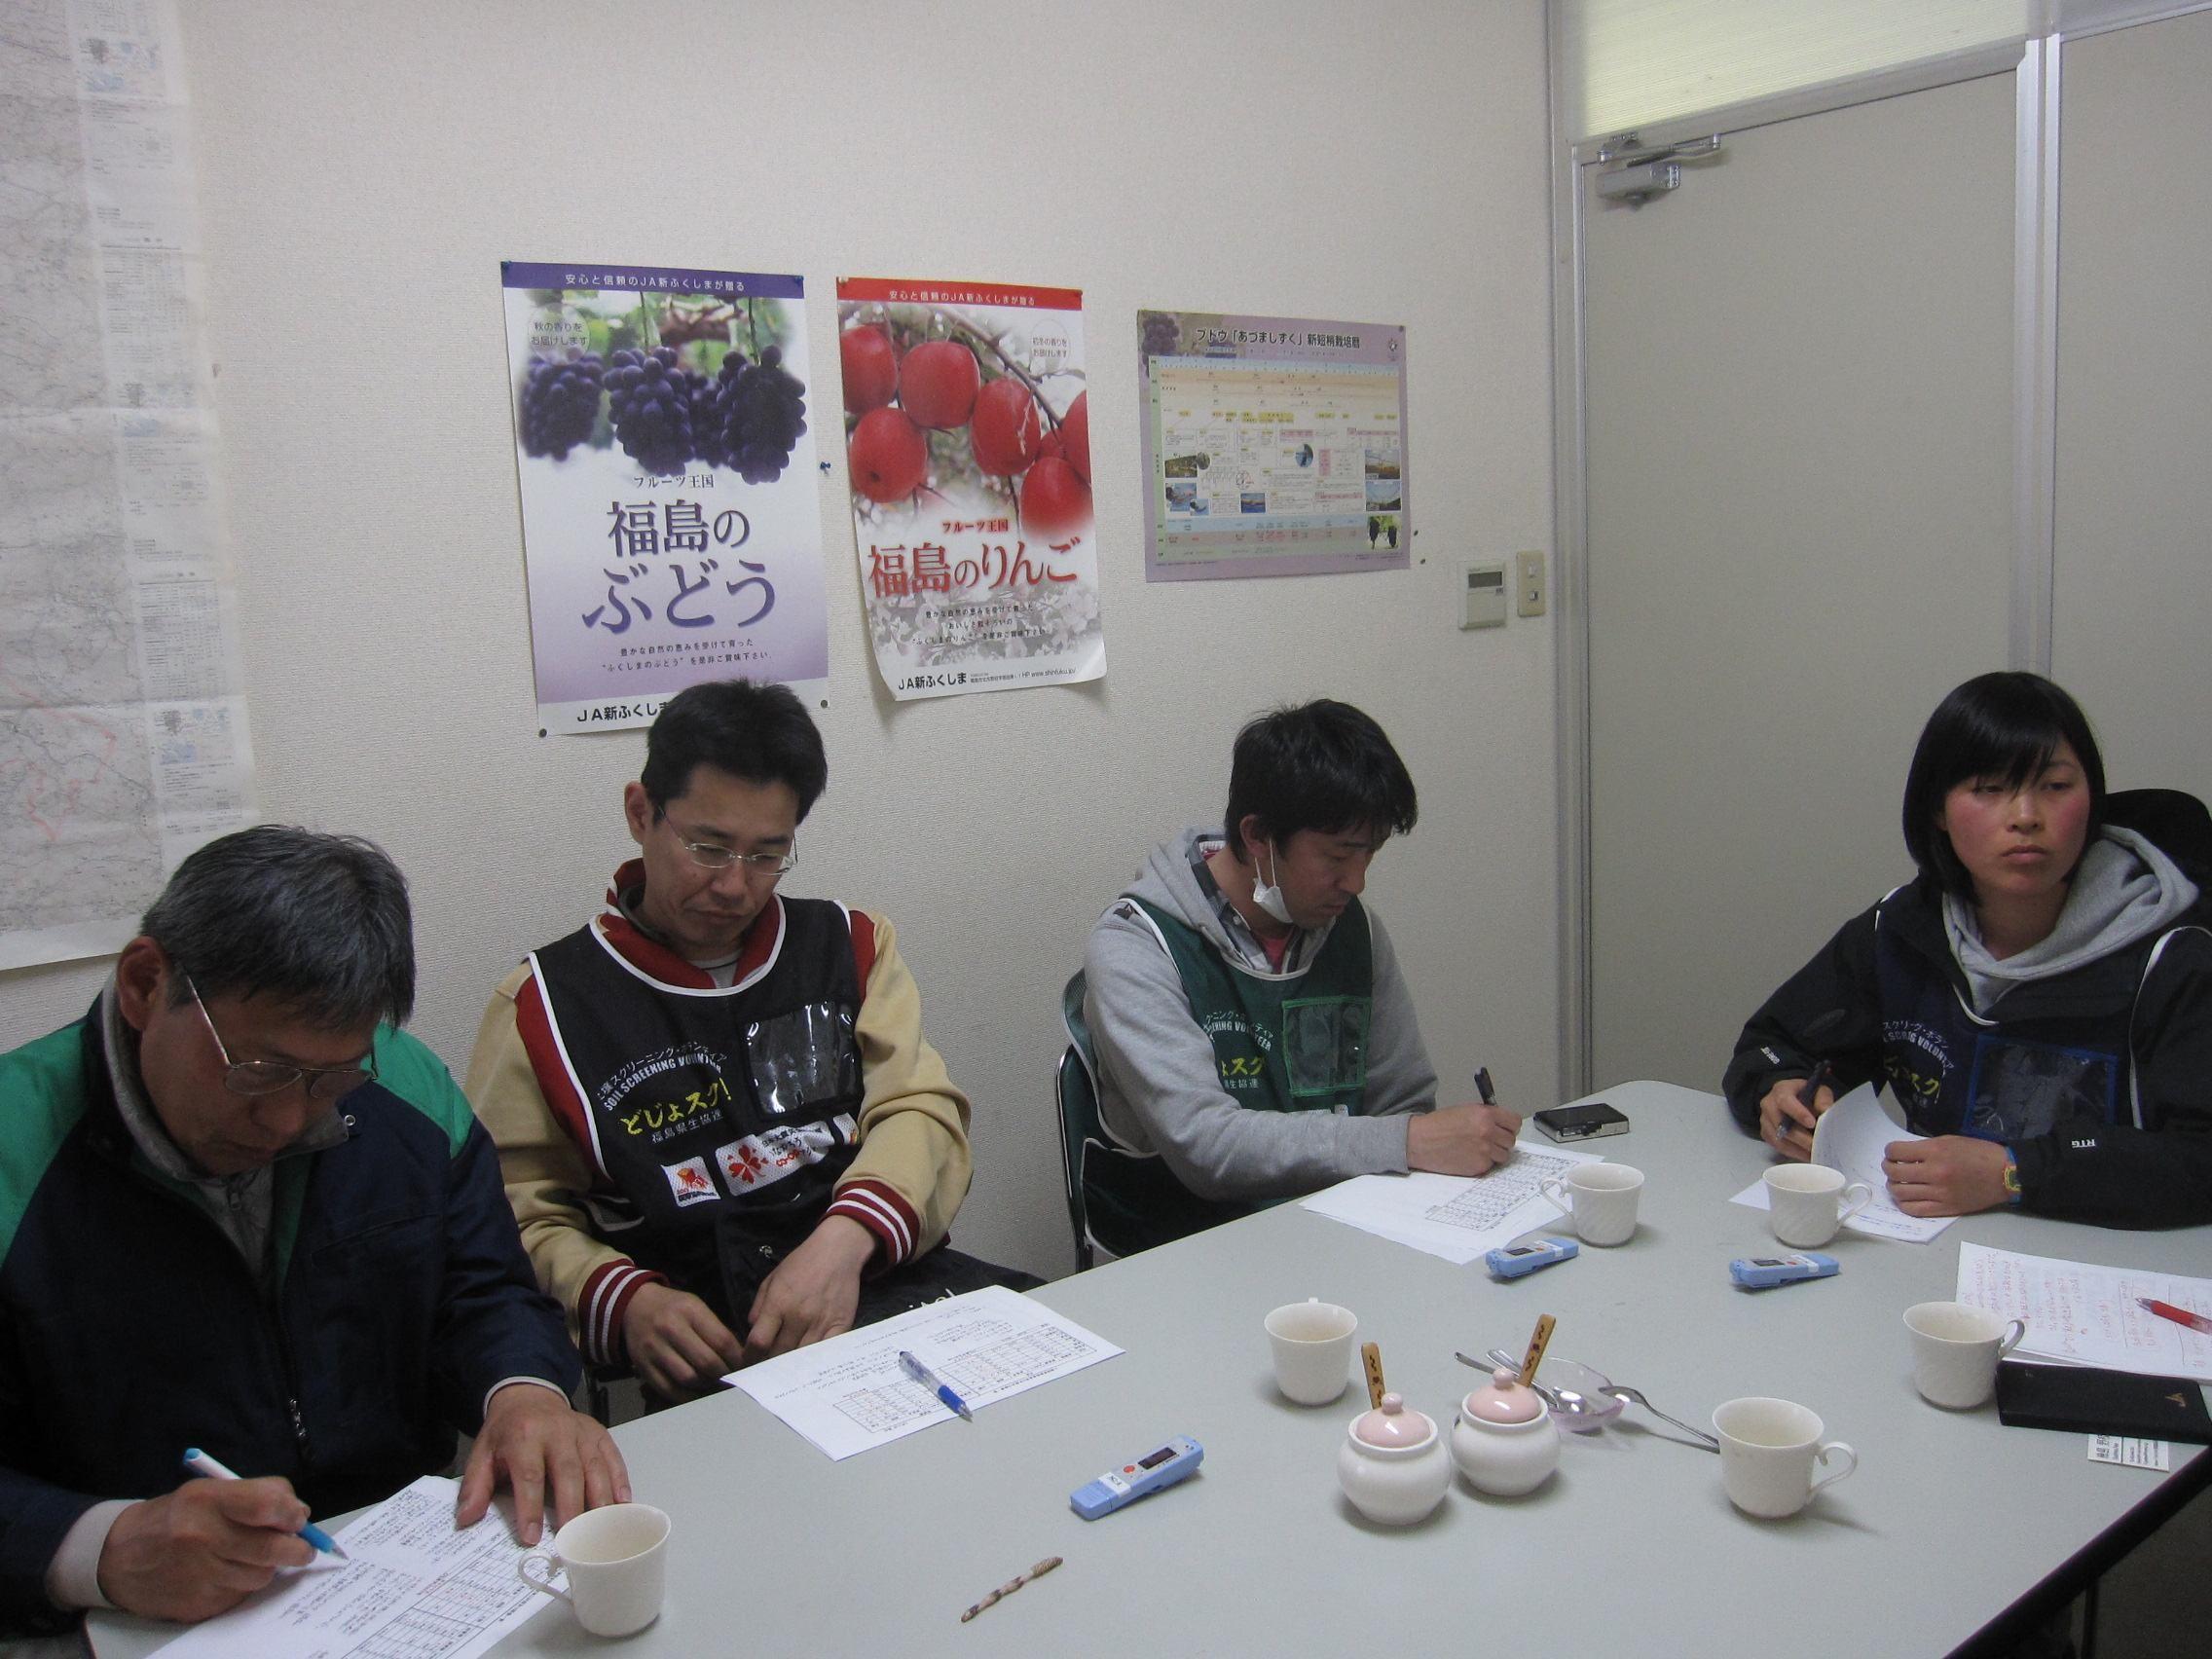 左から、なら・杉本さん、大阪・湊さん、みらい・西田さん、みらい・幾島さん... 土壌スクリーニン